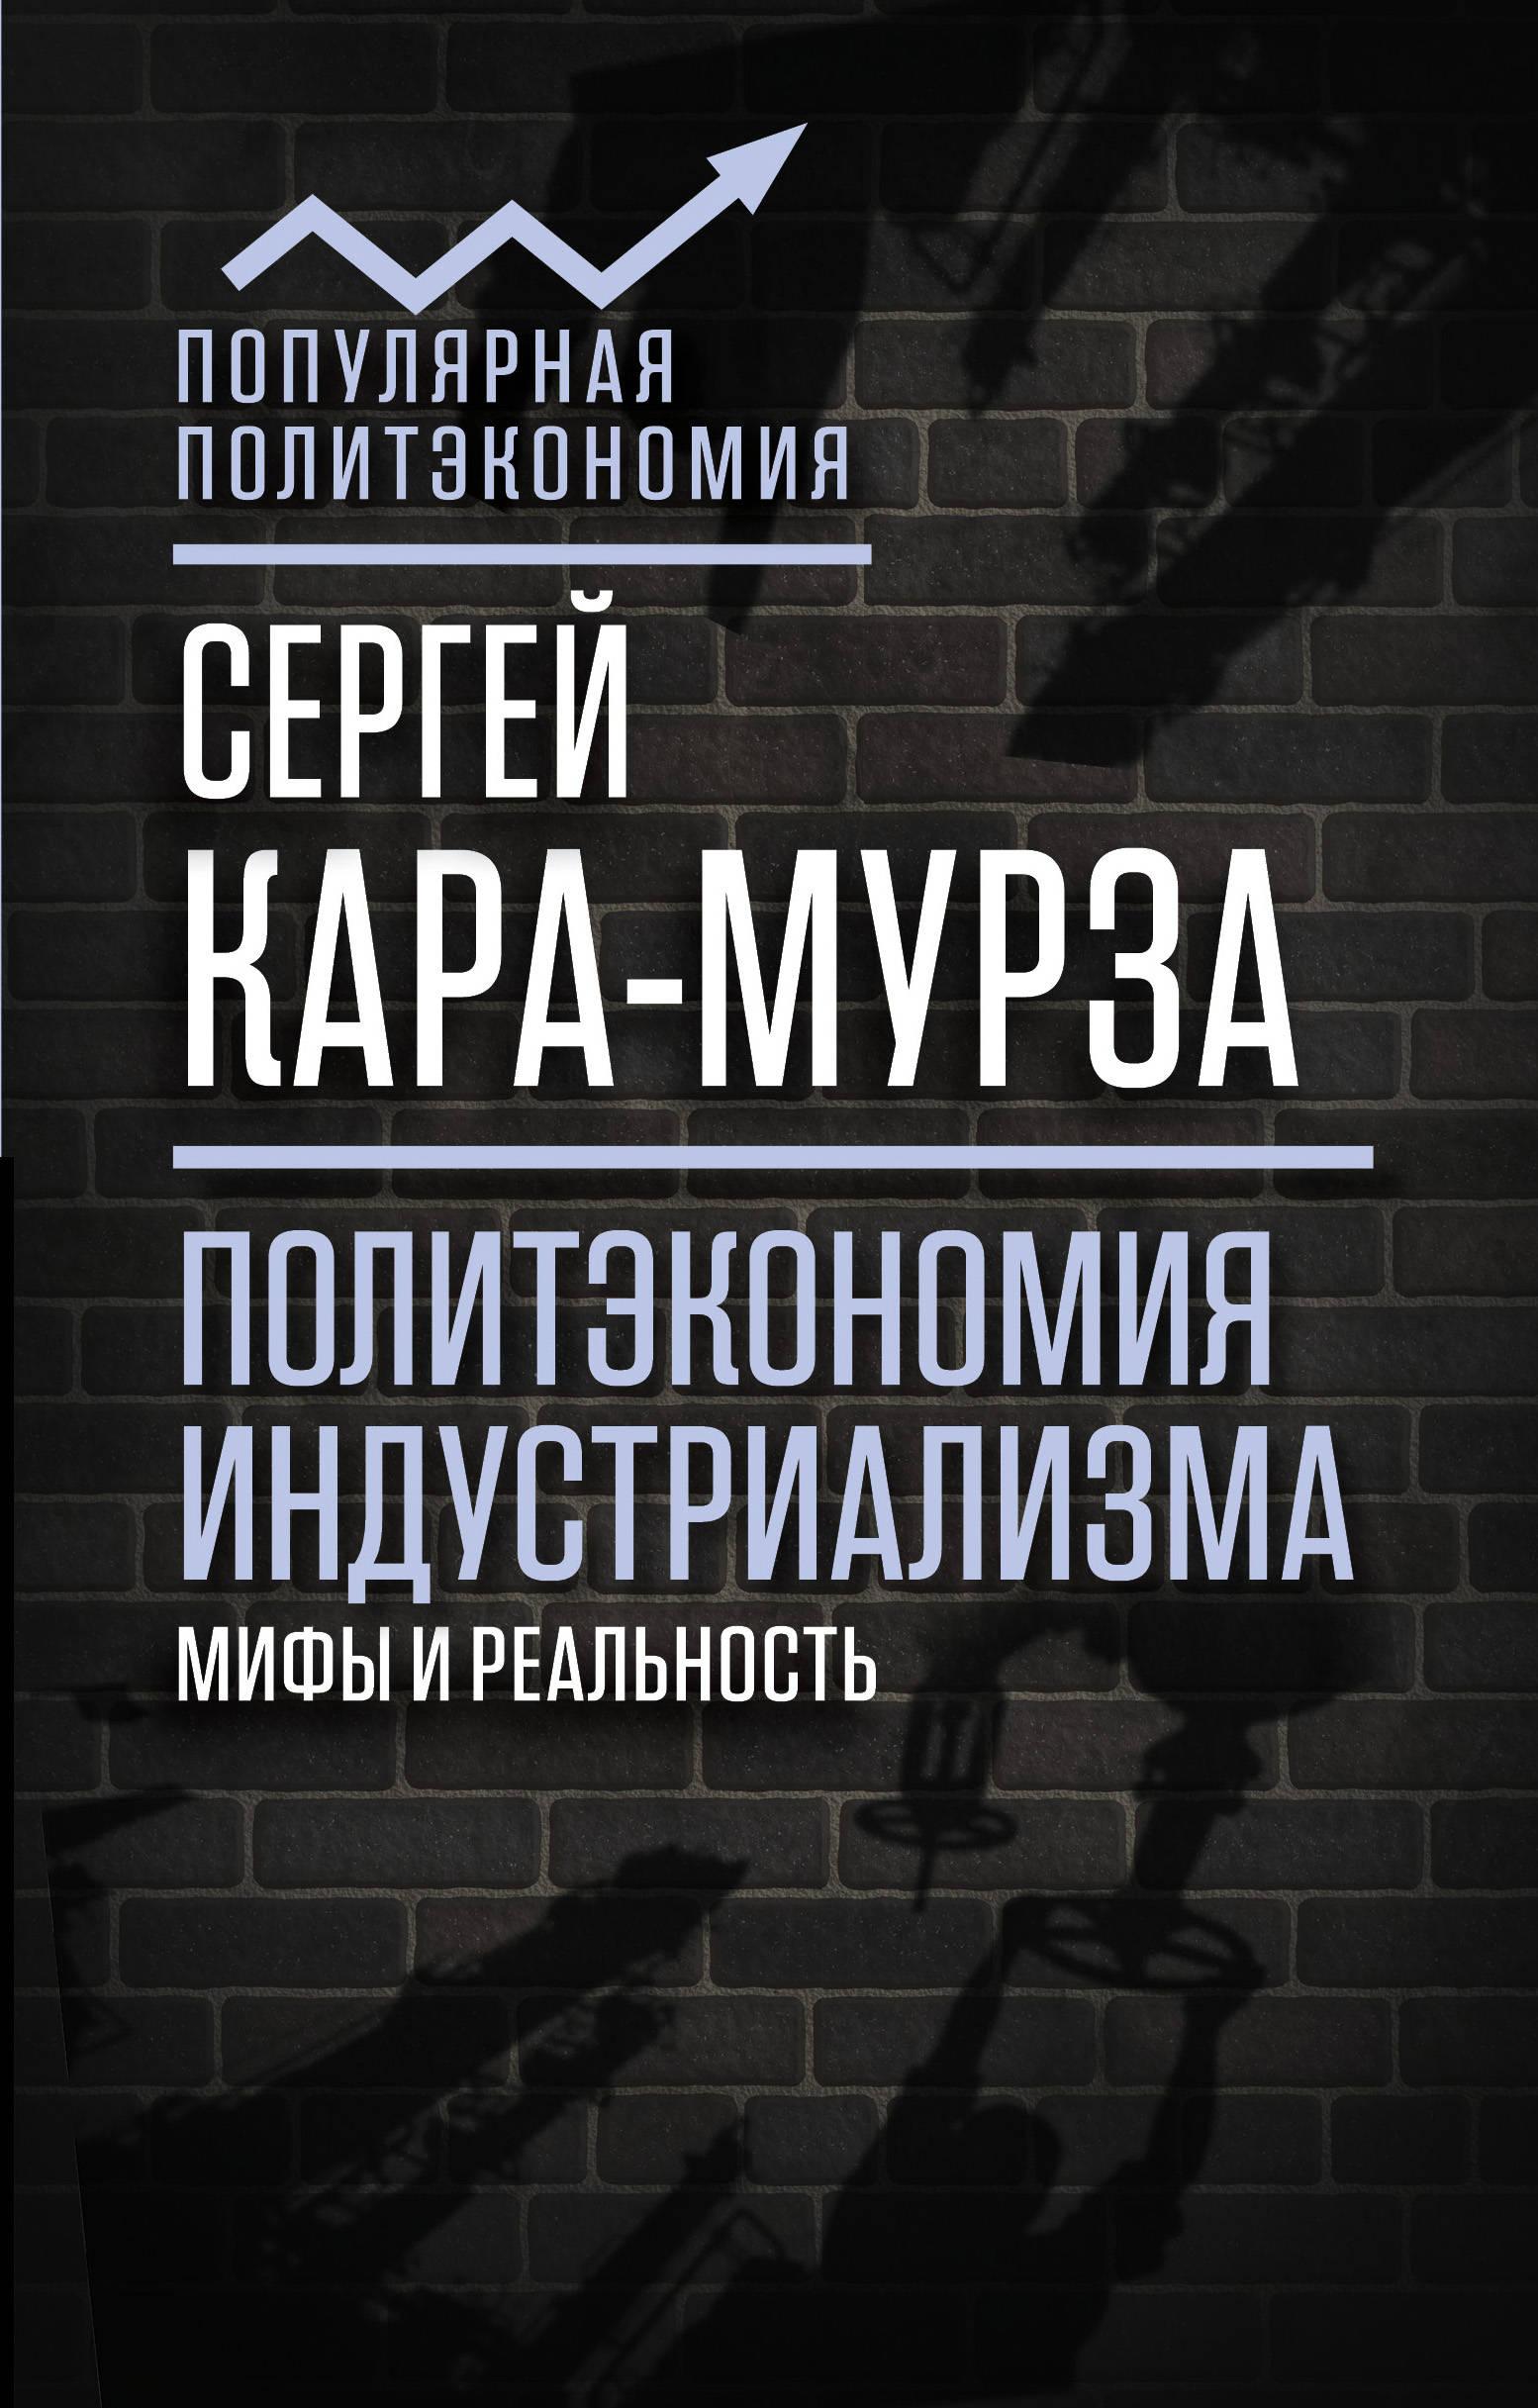 Сергей Кара-Мурза Политэкономия индустриализма. Мифы и реальность сергей кара мурза гражданская война в россии